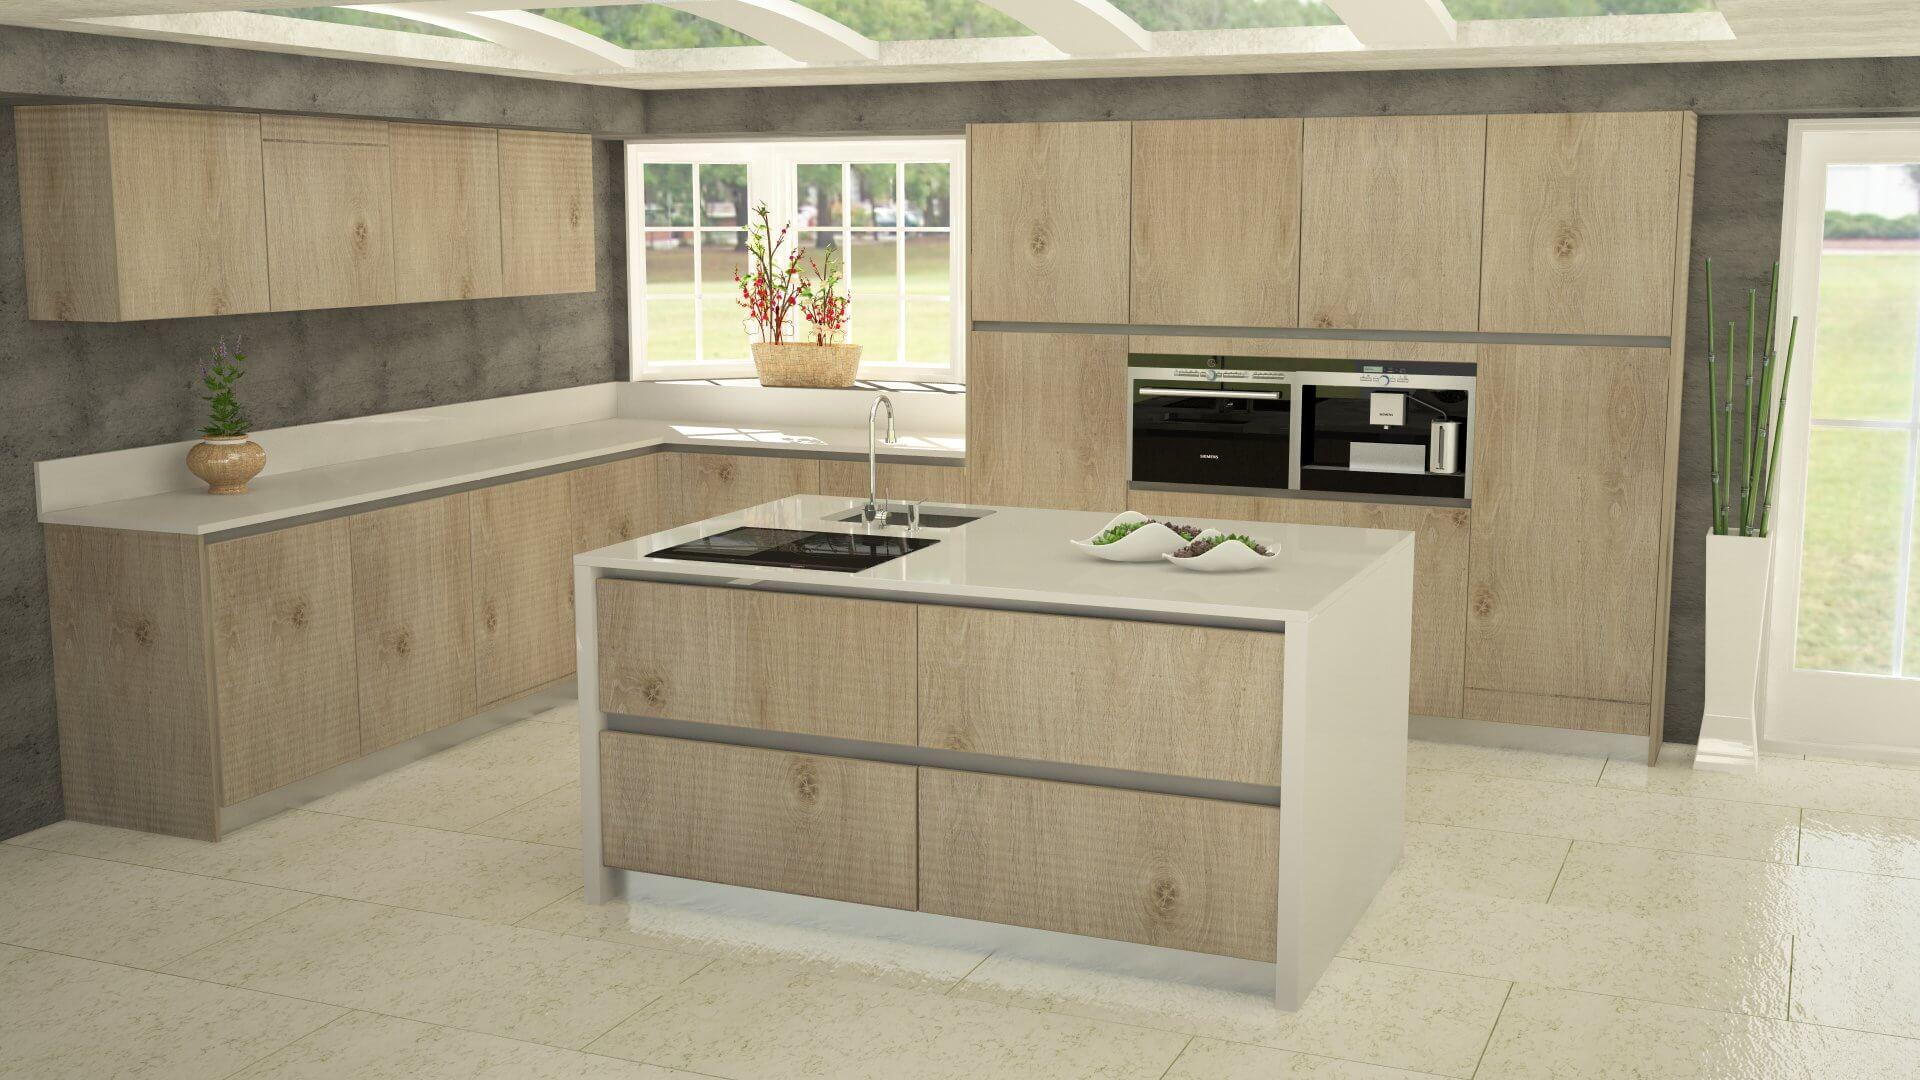 Colores Muebles De Cocina. Muebles De Cocina Modernos Con Mesadas ...